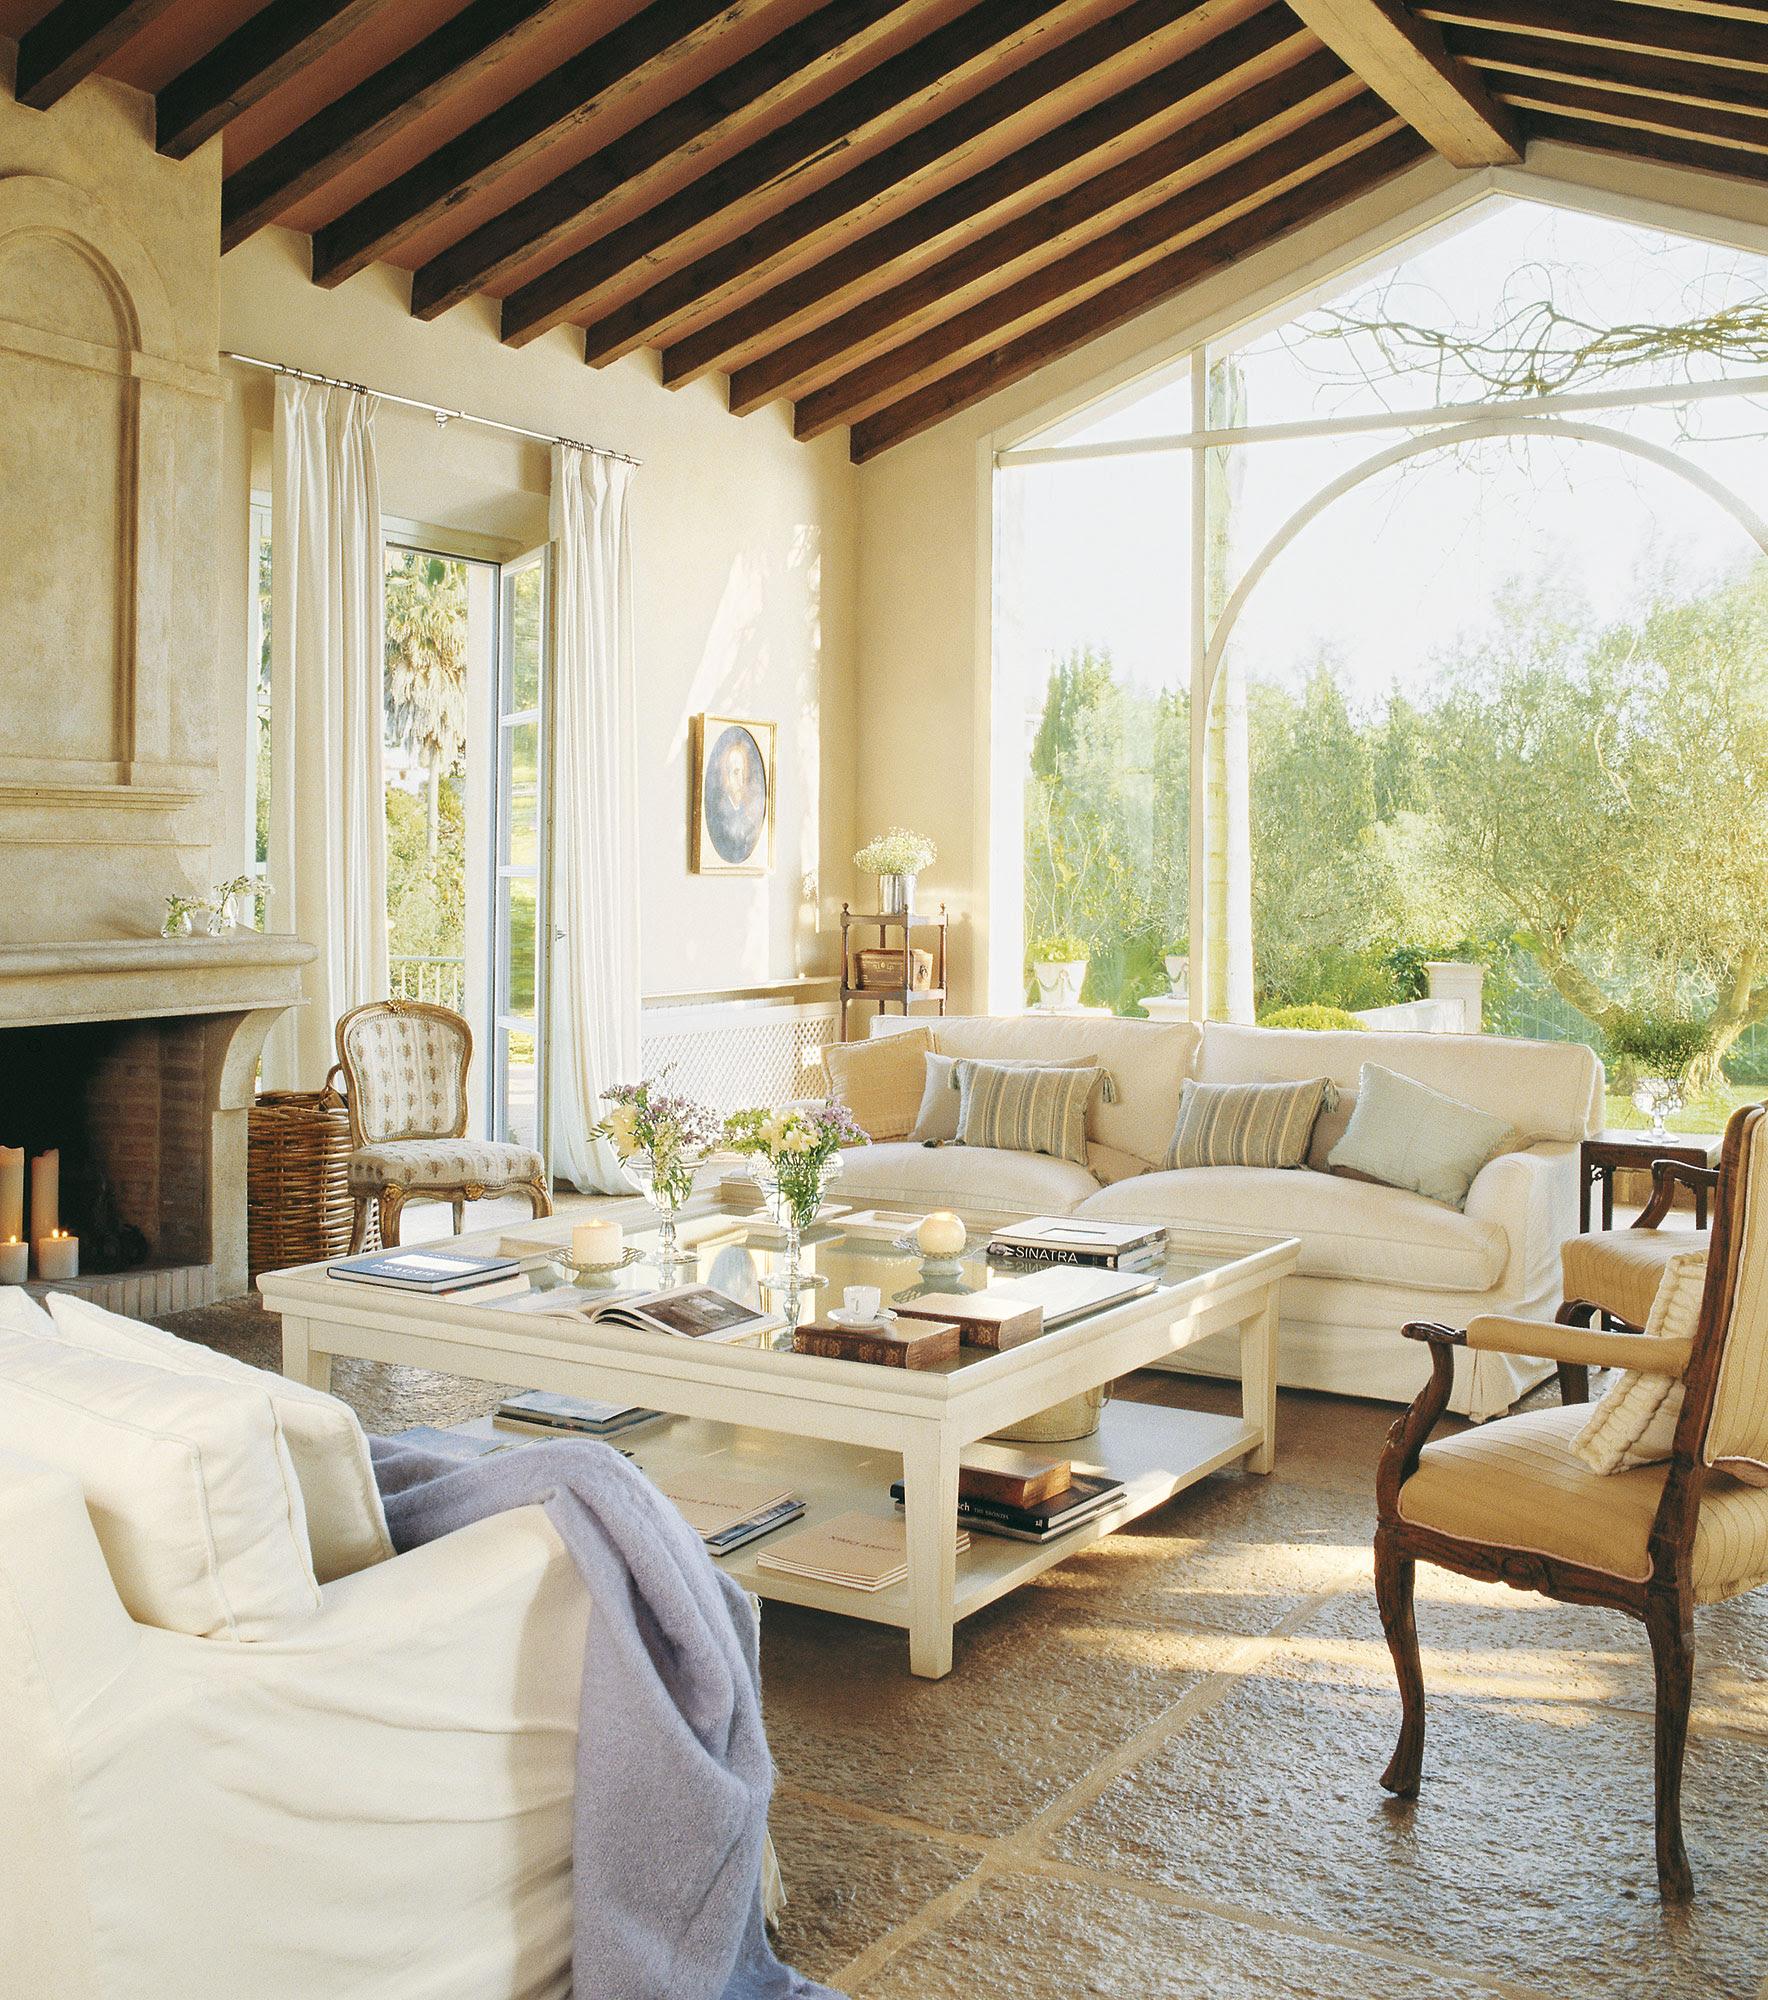 Salón con suelo de terrazo, techo abuhardillado y pared de cristal hacia el jardín